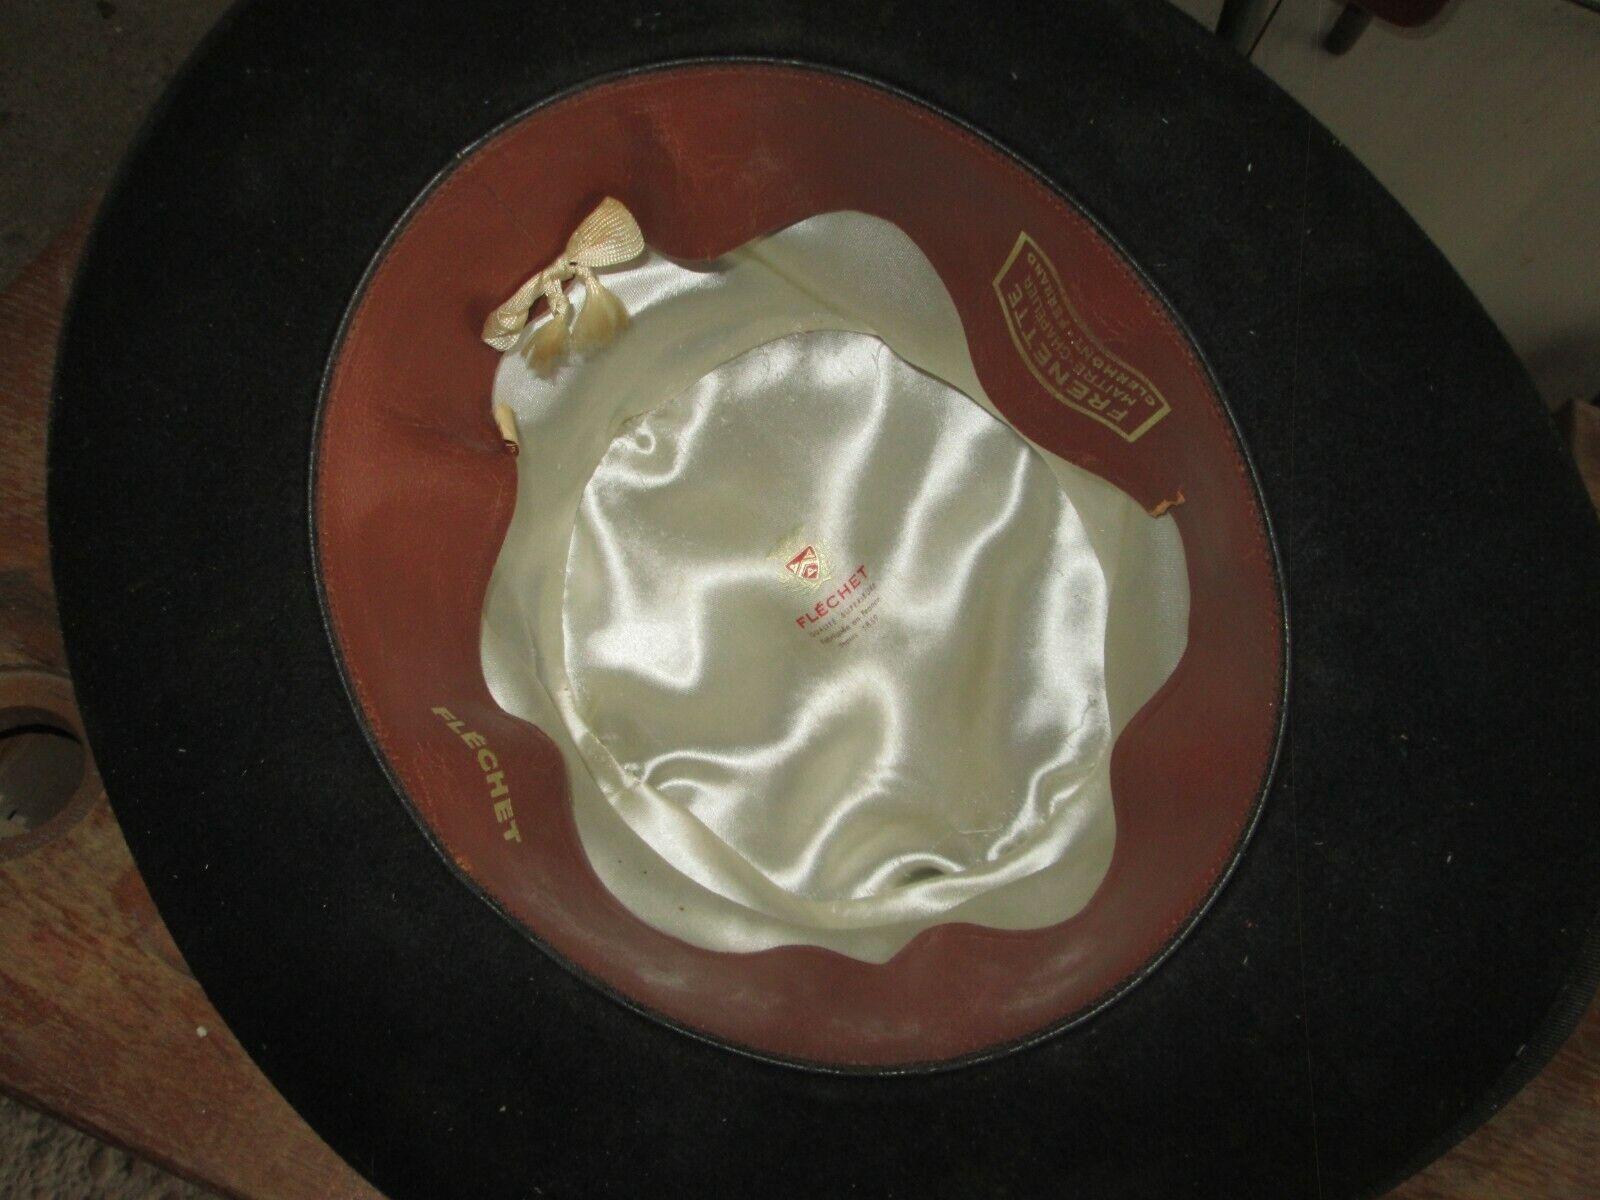 Vintage ancien chapeau frenette flechet